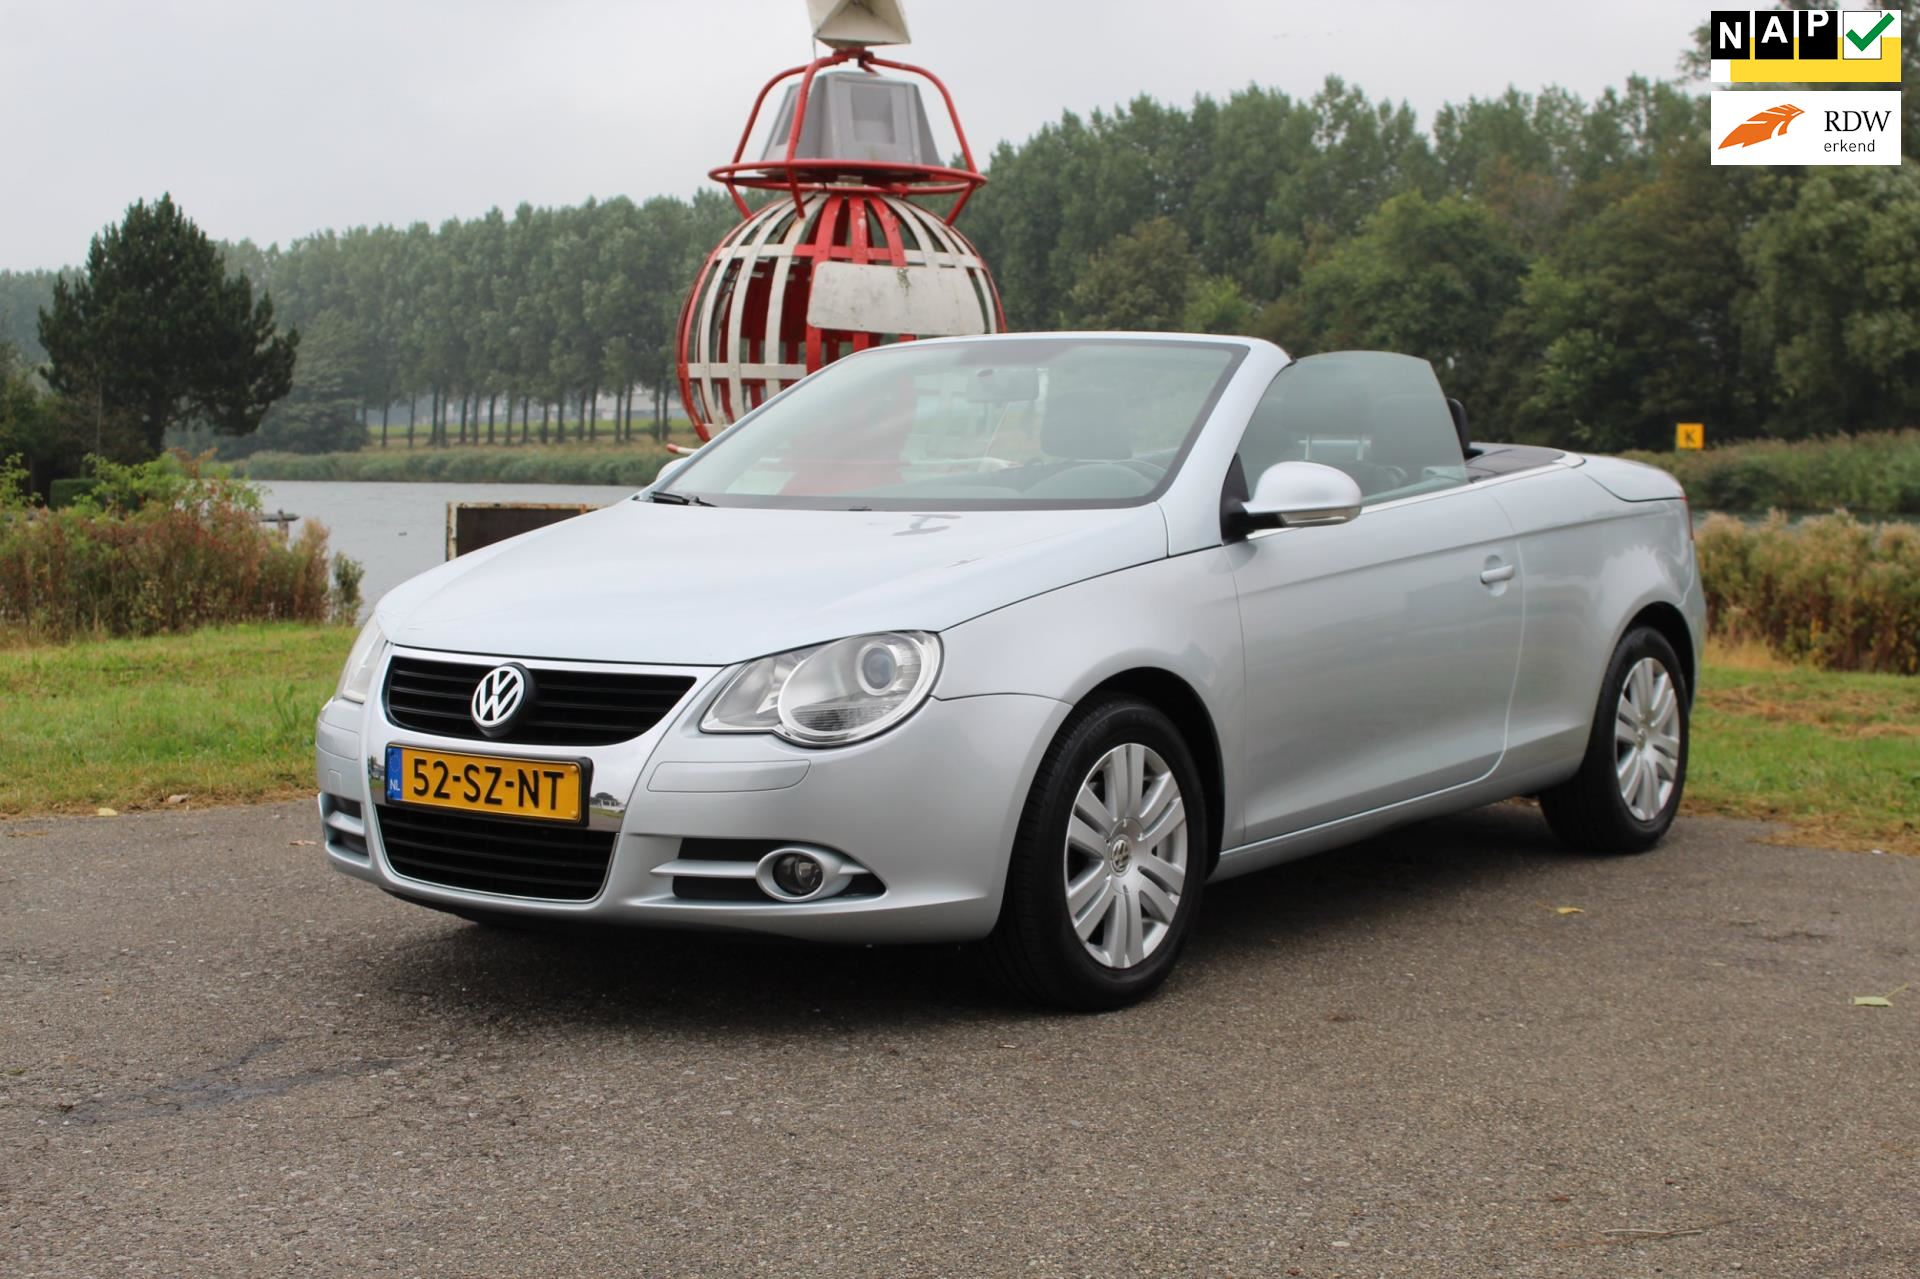 Volkswagen Eos occasion - Van Vliet Auto's